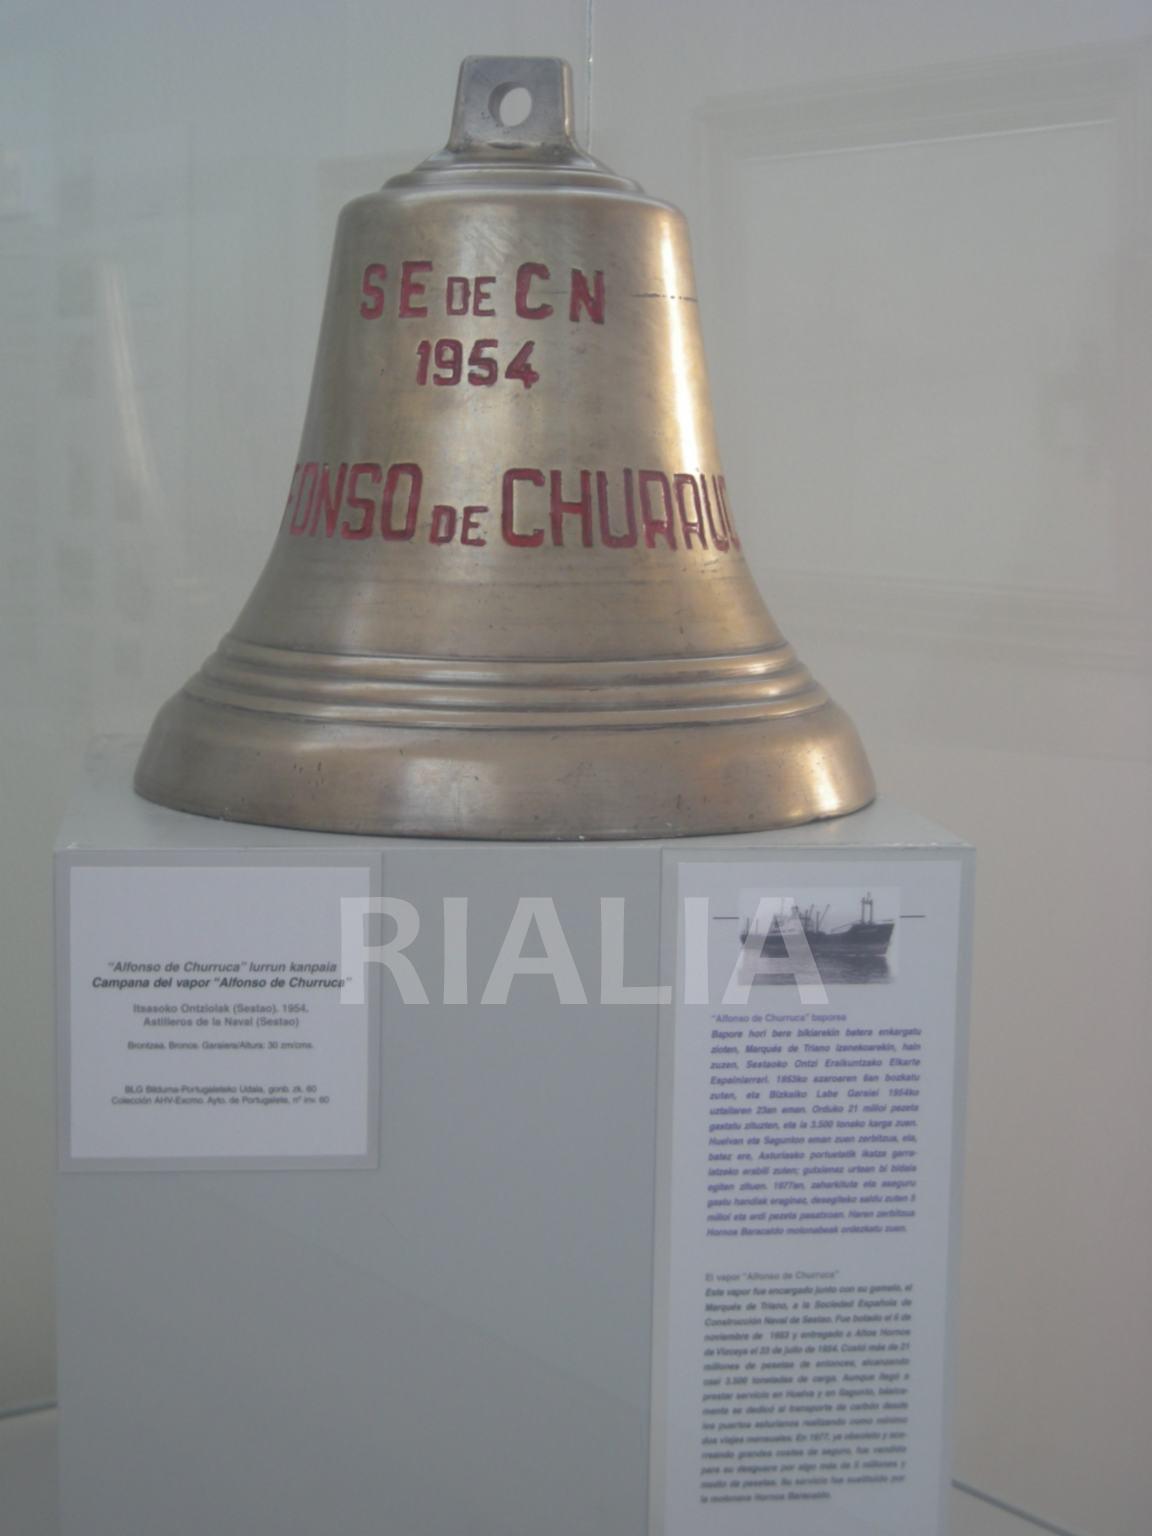 Campana del vapor Alfonso de Churruca